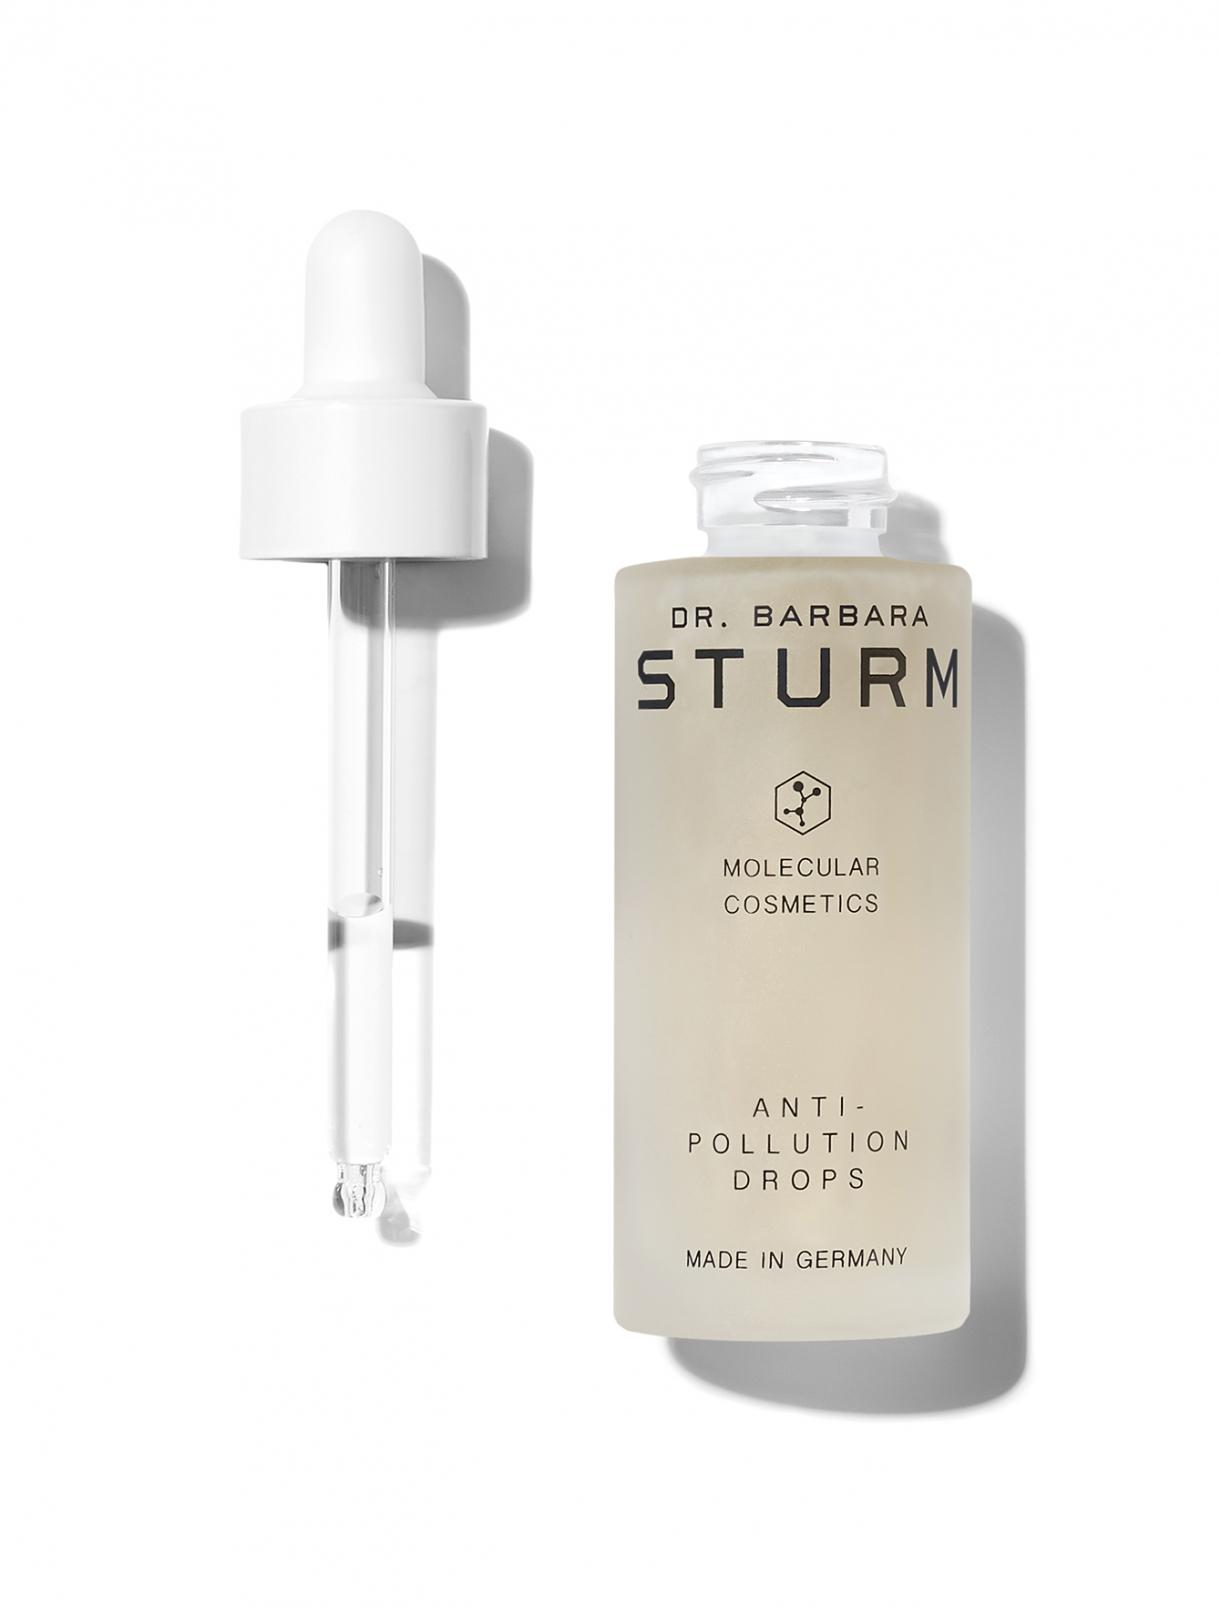 Сыворотка для защиты кожи Face Care Dr.Barbara Sturm  –  Общий вид